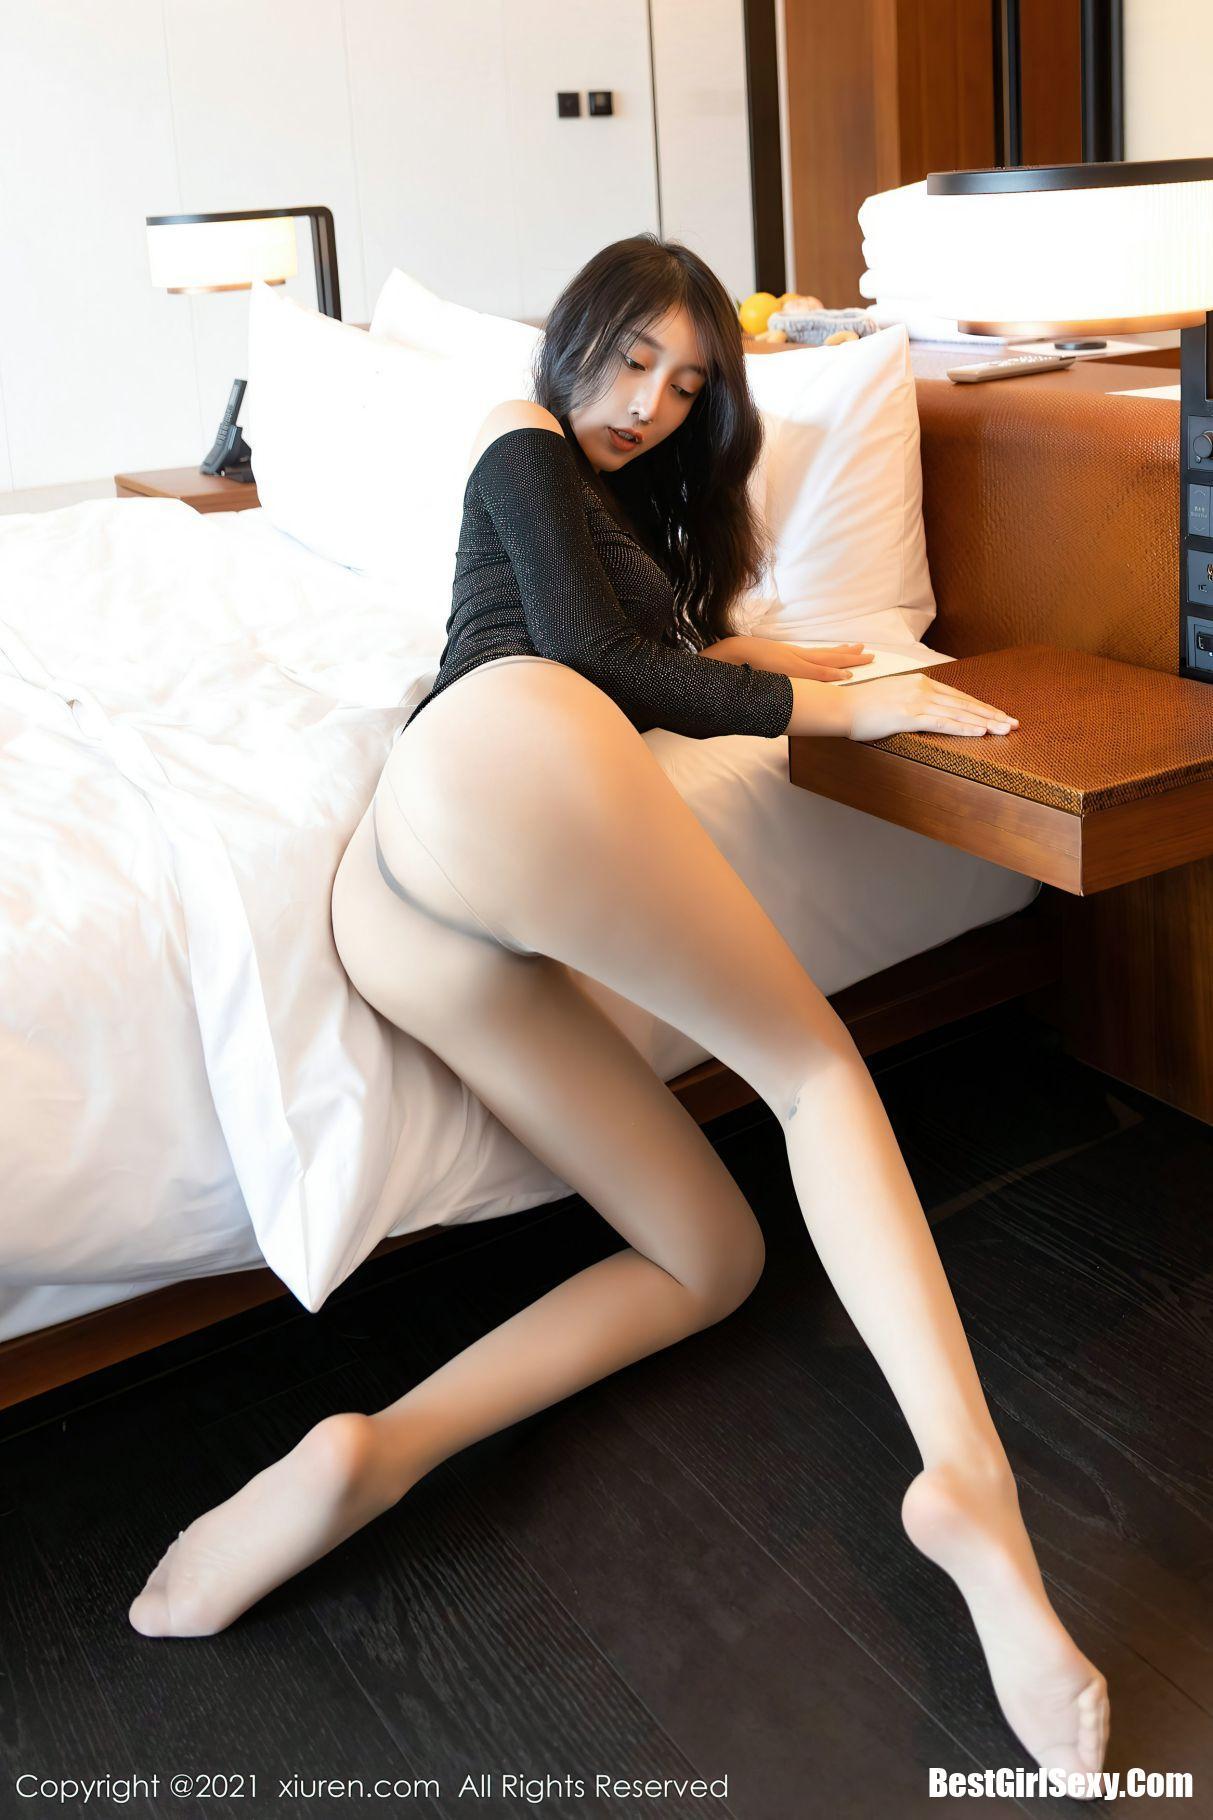 玥儿玥er, Yue Er Yue, XiuRen秀人网 No.3265 Yue Er Yue, XiuRen秀人网 No.3265